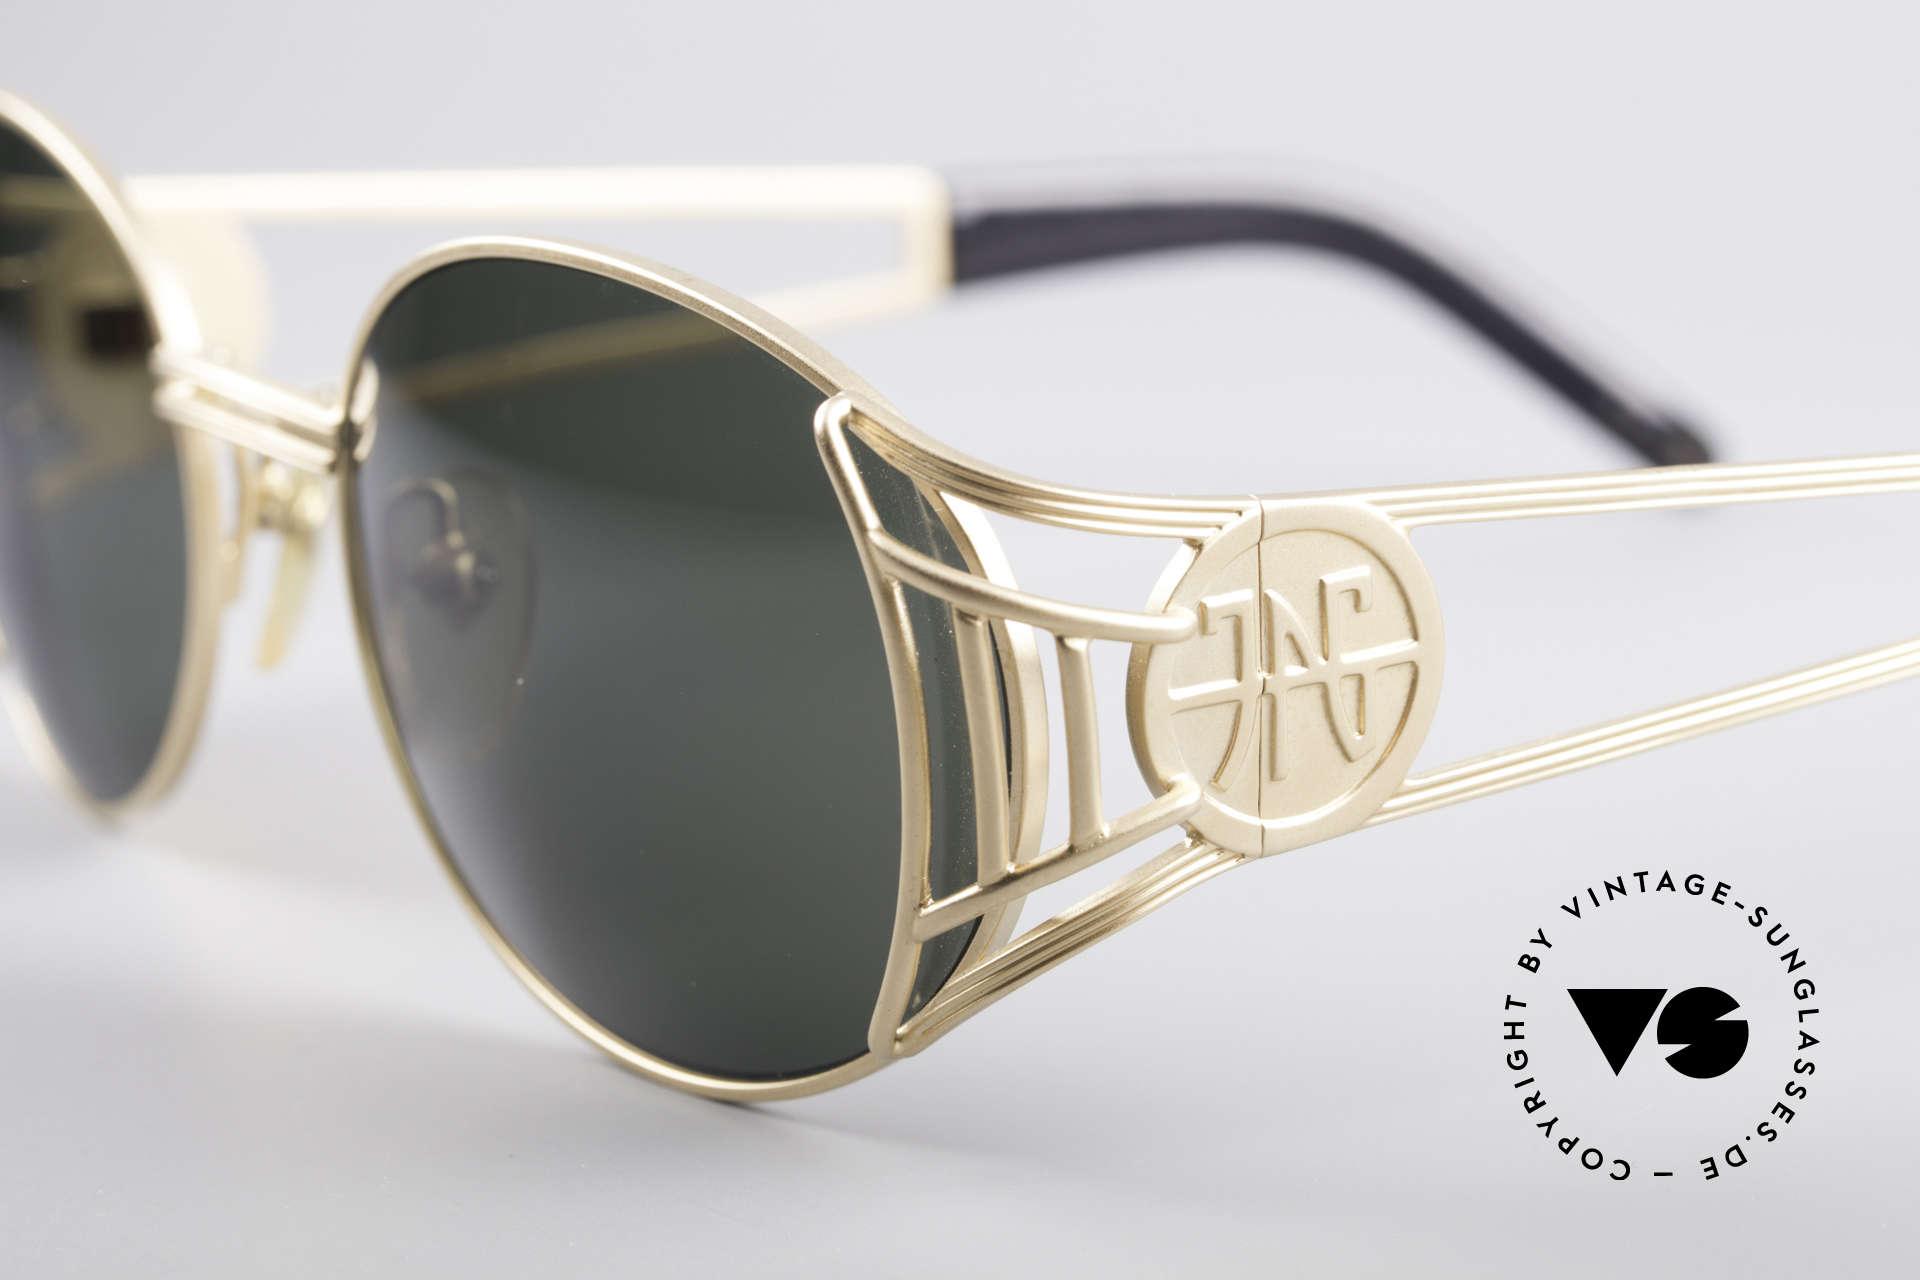 Jean Paul Gaultier 58-6102 Steampunk Designer Brille, absolute vintage Rarität in fühlbarem Top-Zustand, Passend für Herren und Damen